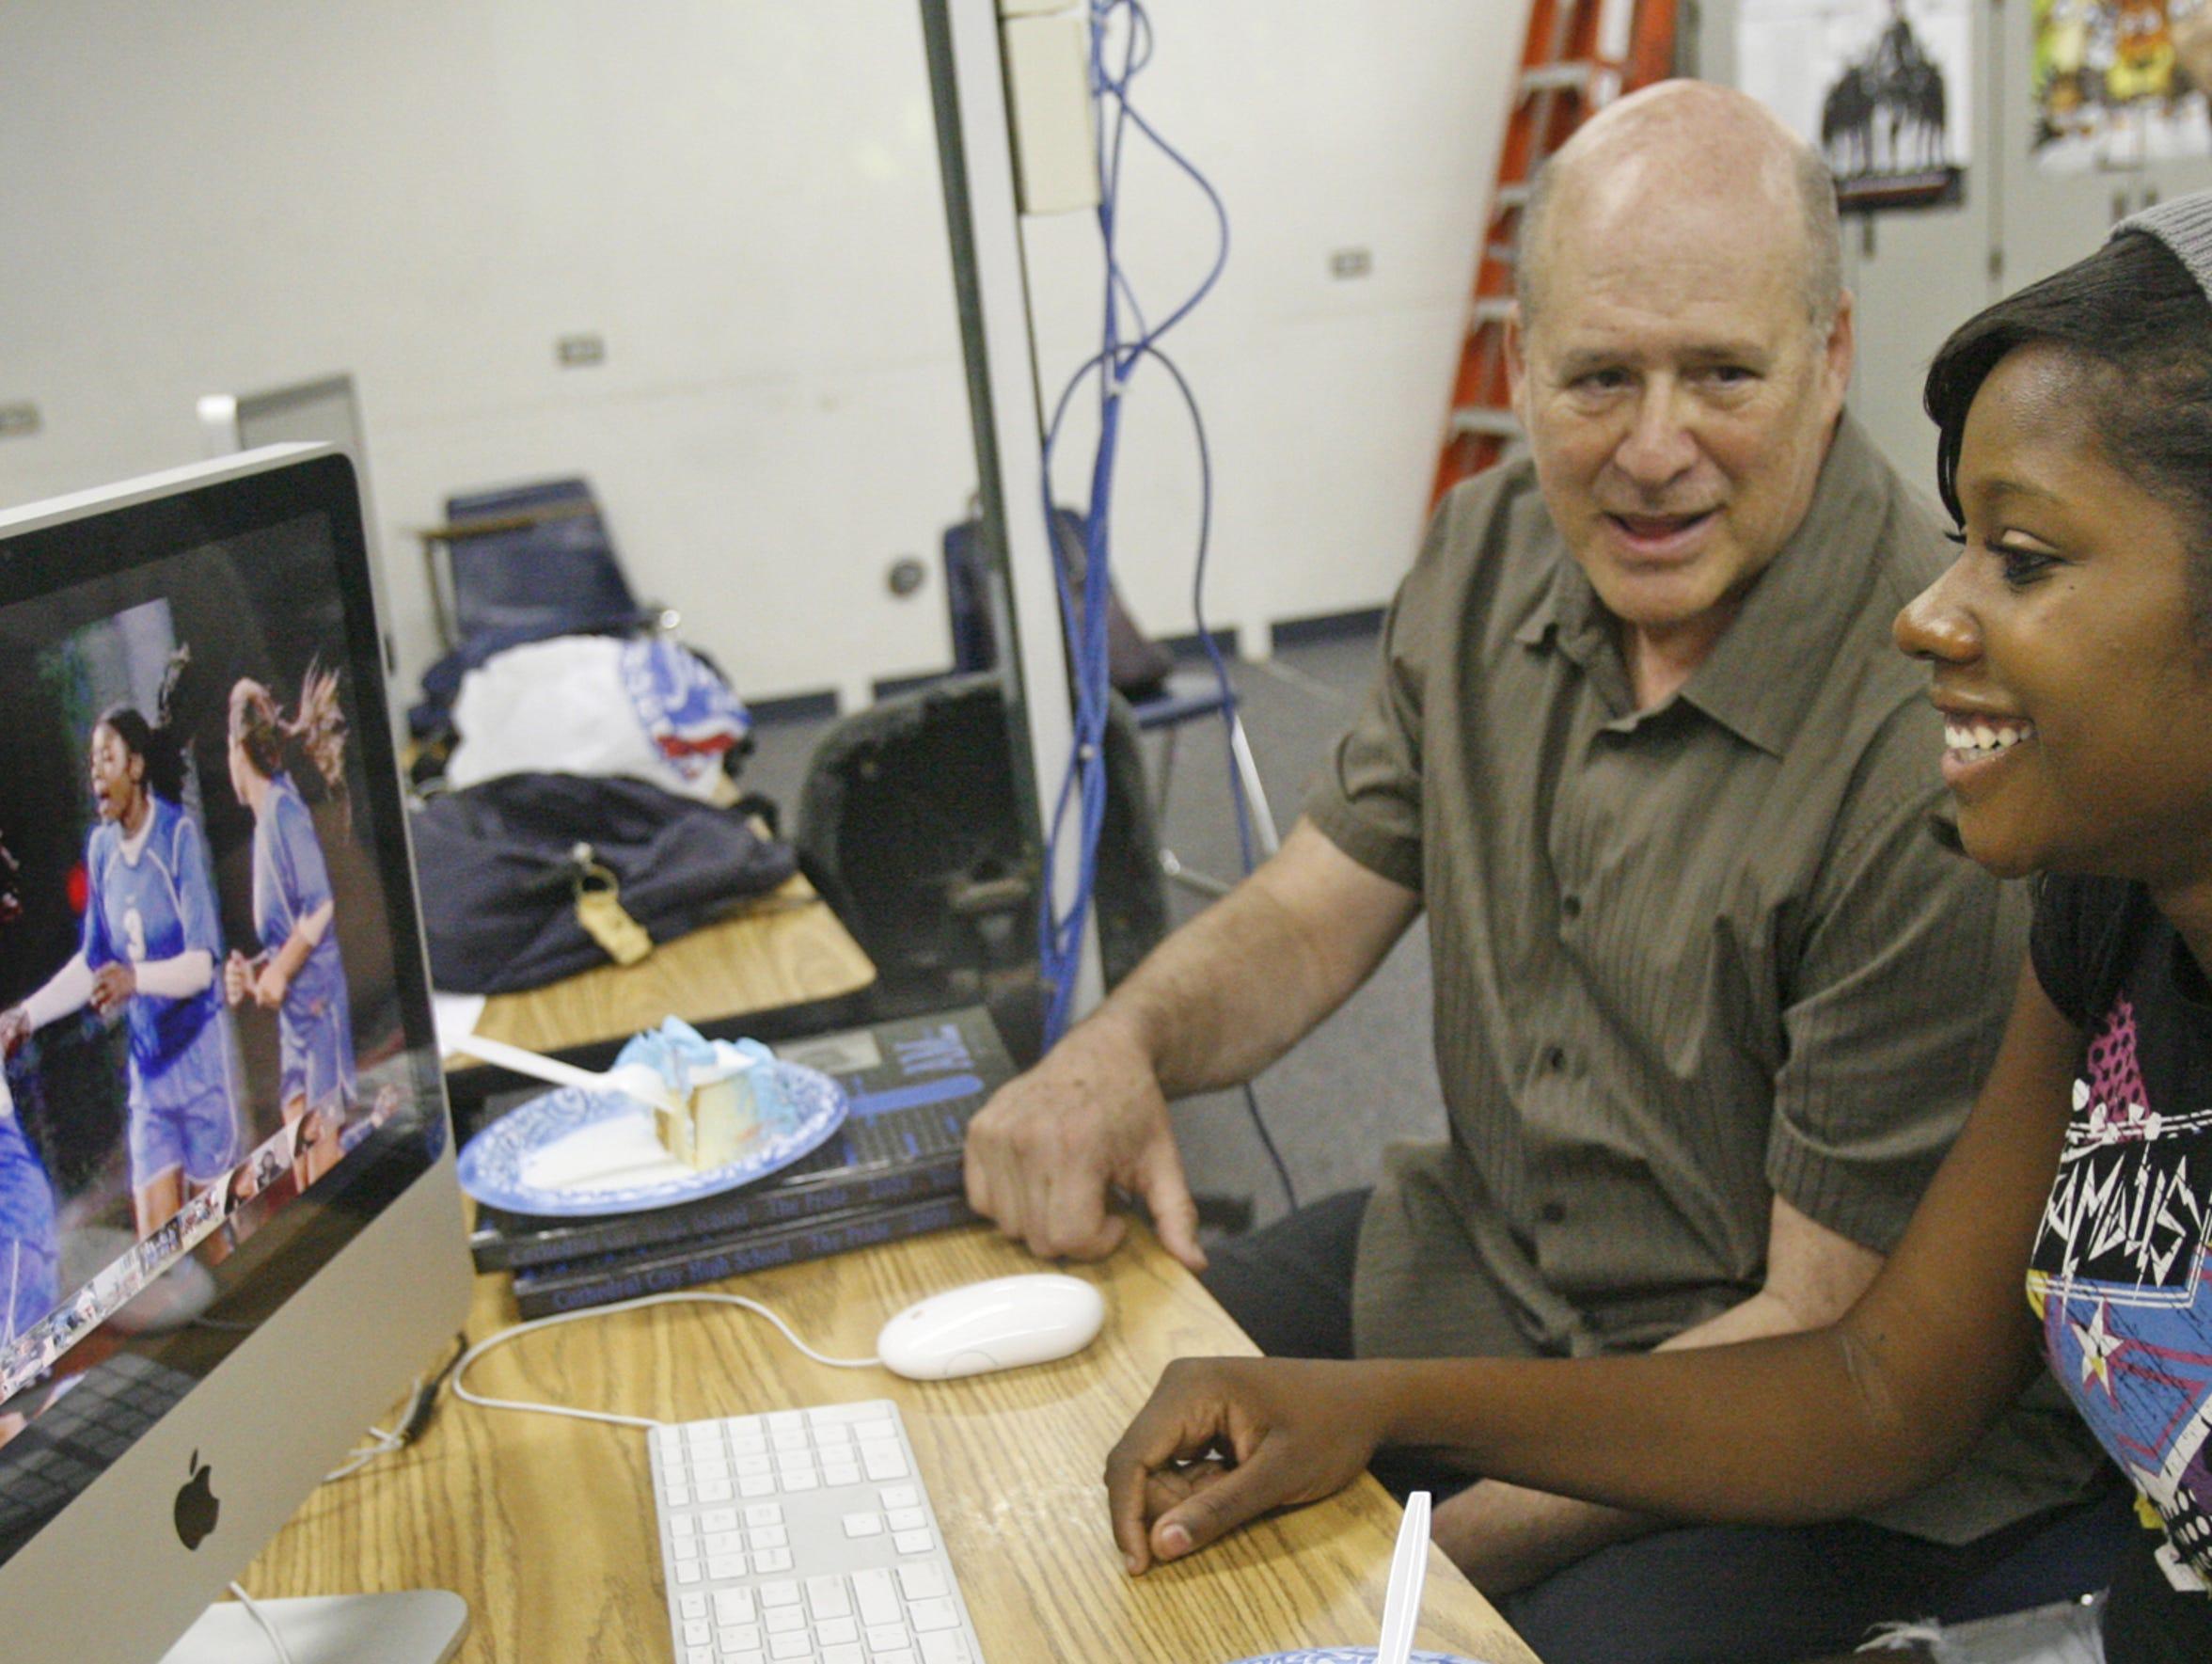 Former Disney executive David Vogel (left), works with